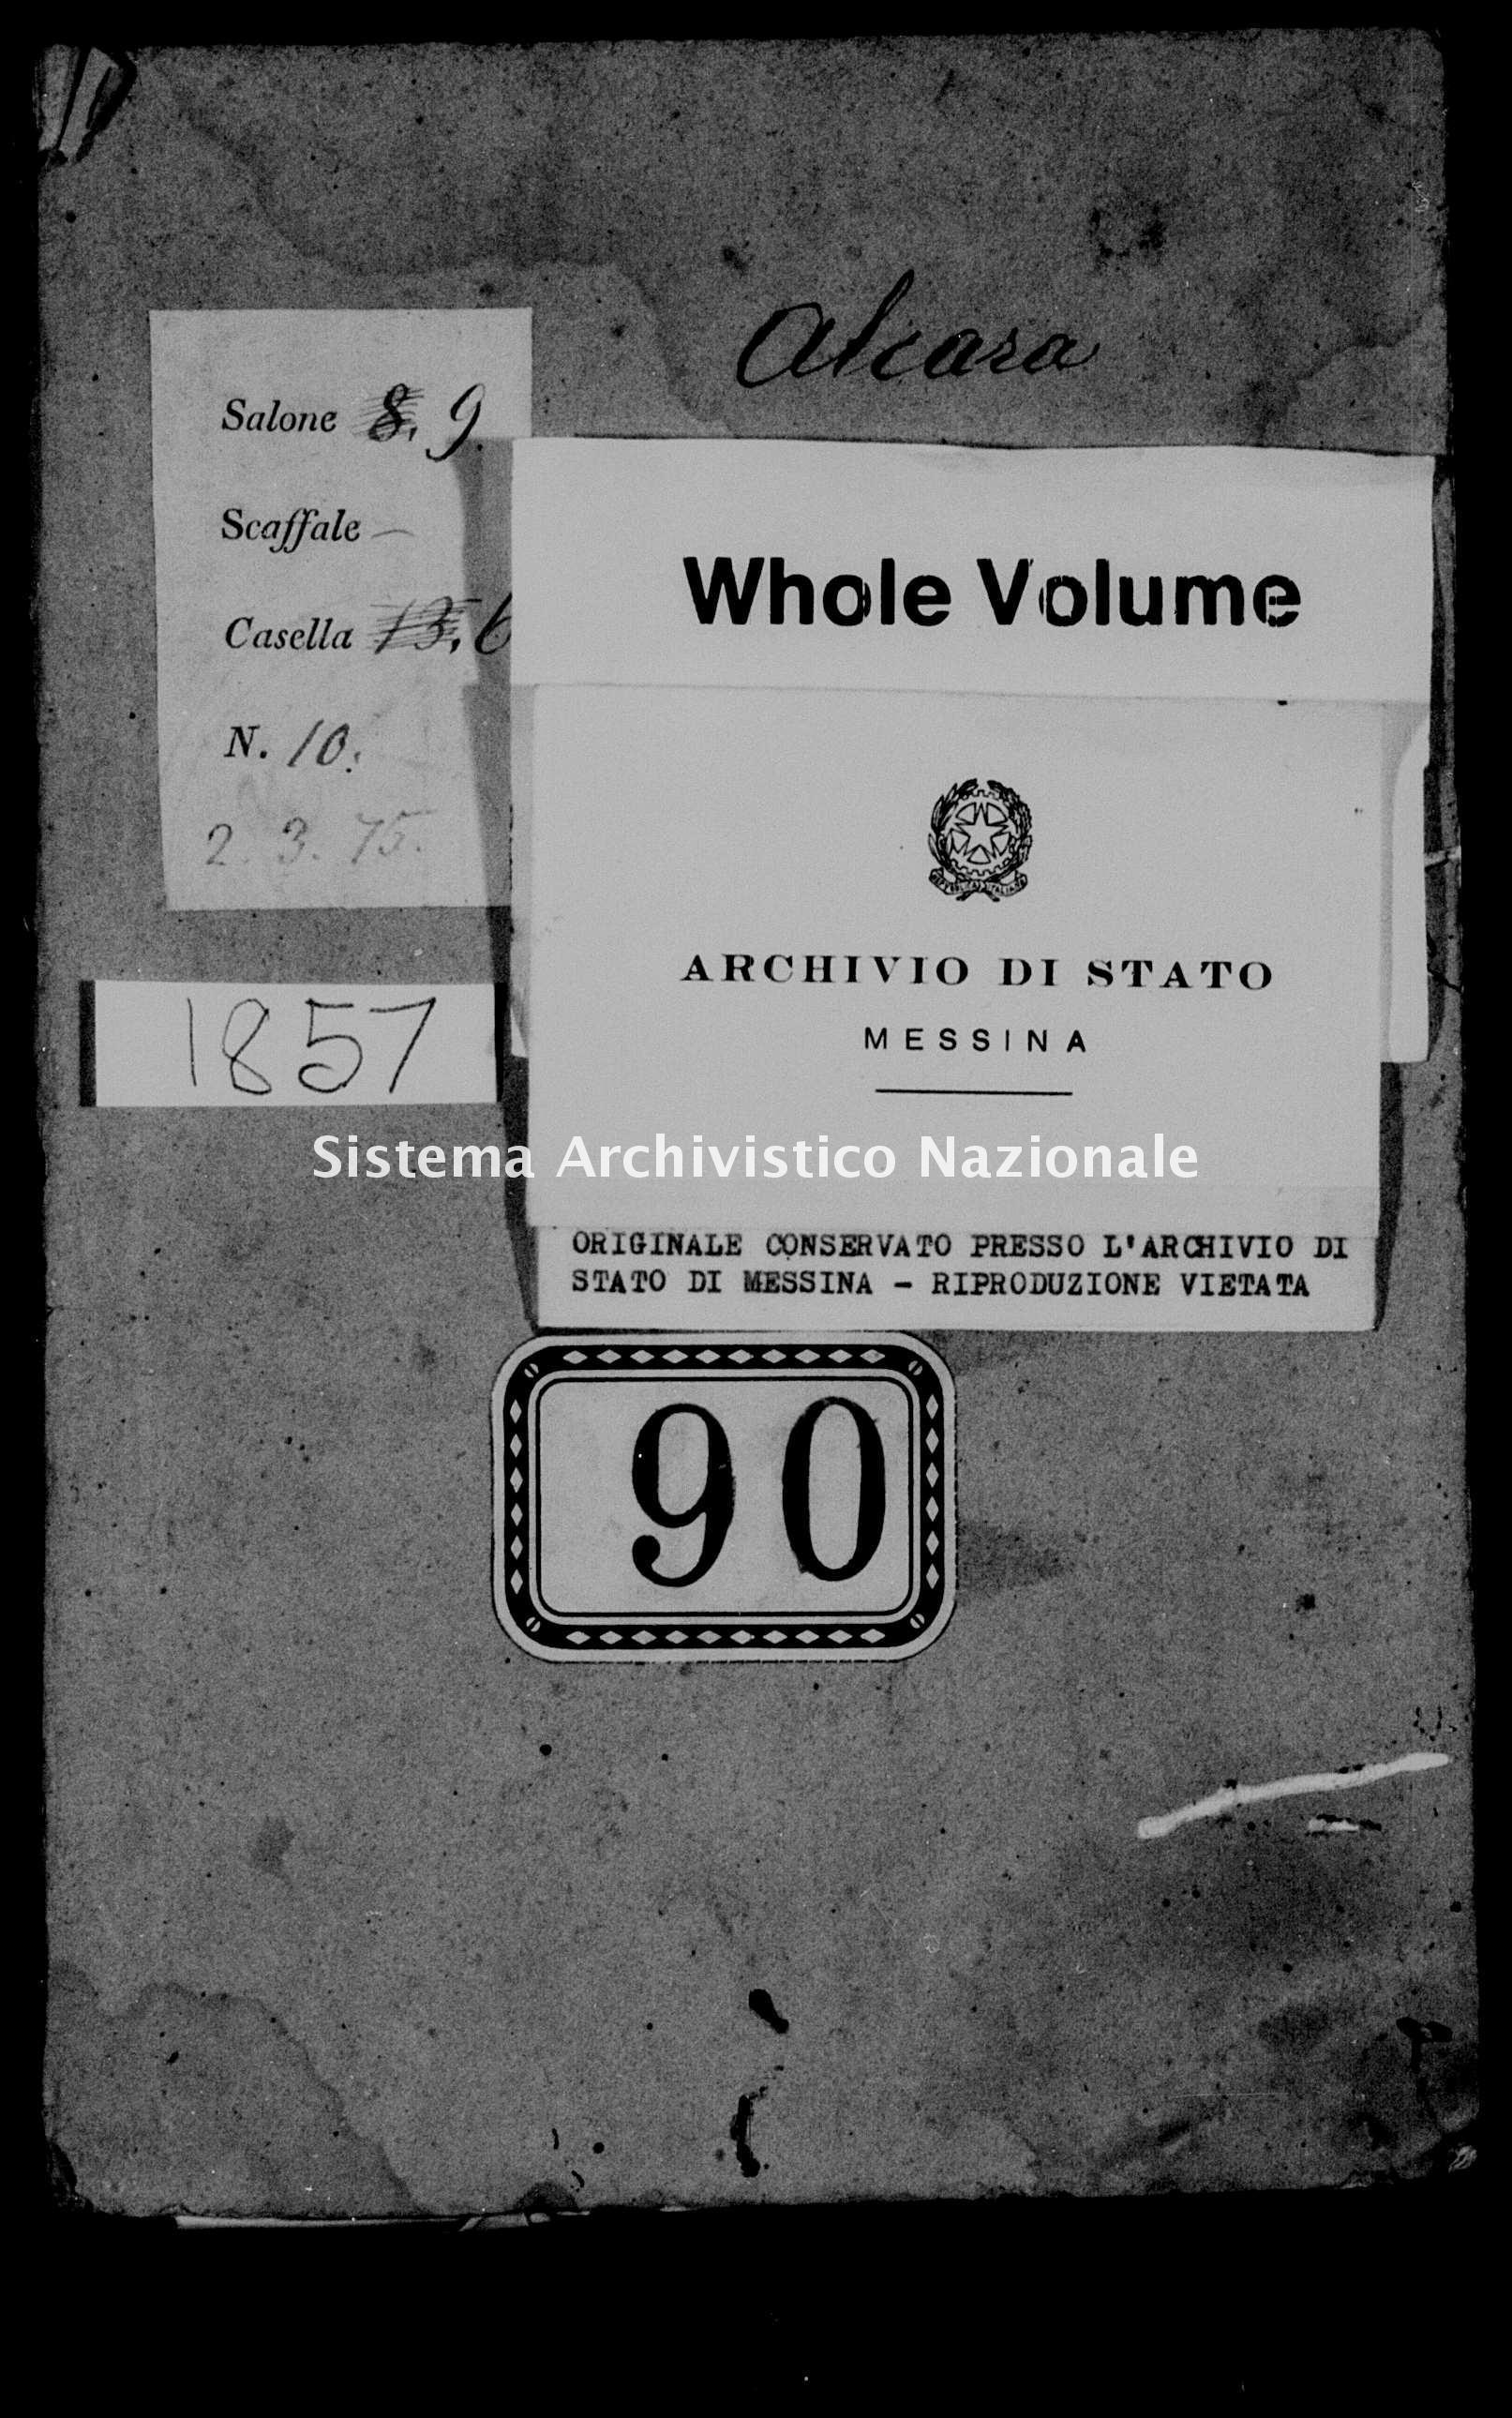 Archivio di stato di Messina - Stato civile della restaurazione - Alcara li Fusi - Matrimoni - 1857 - 90 -